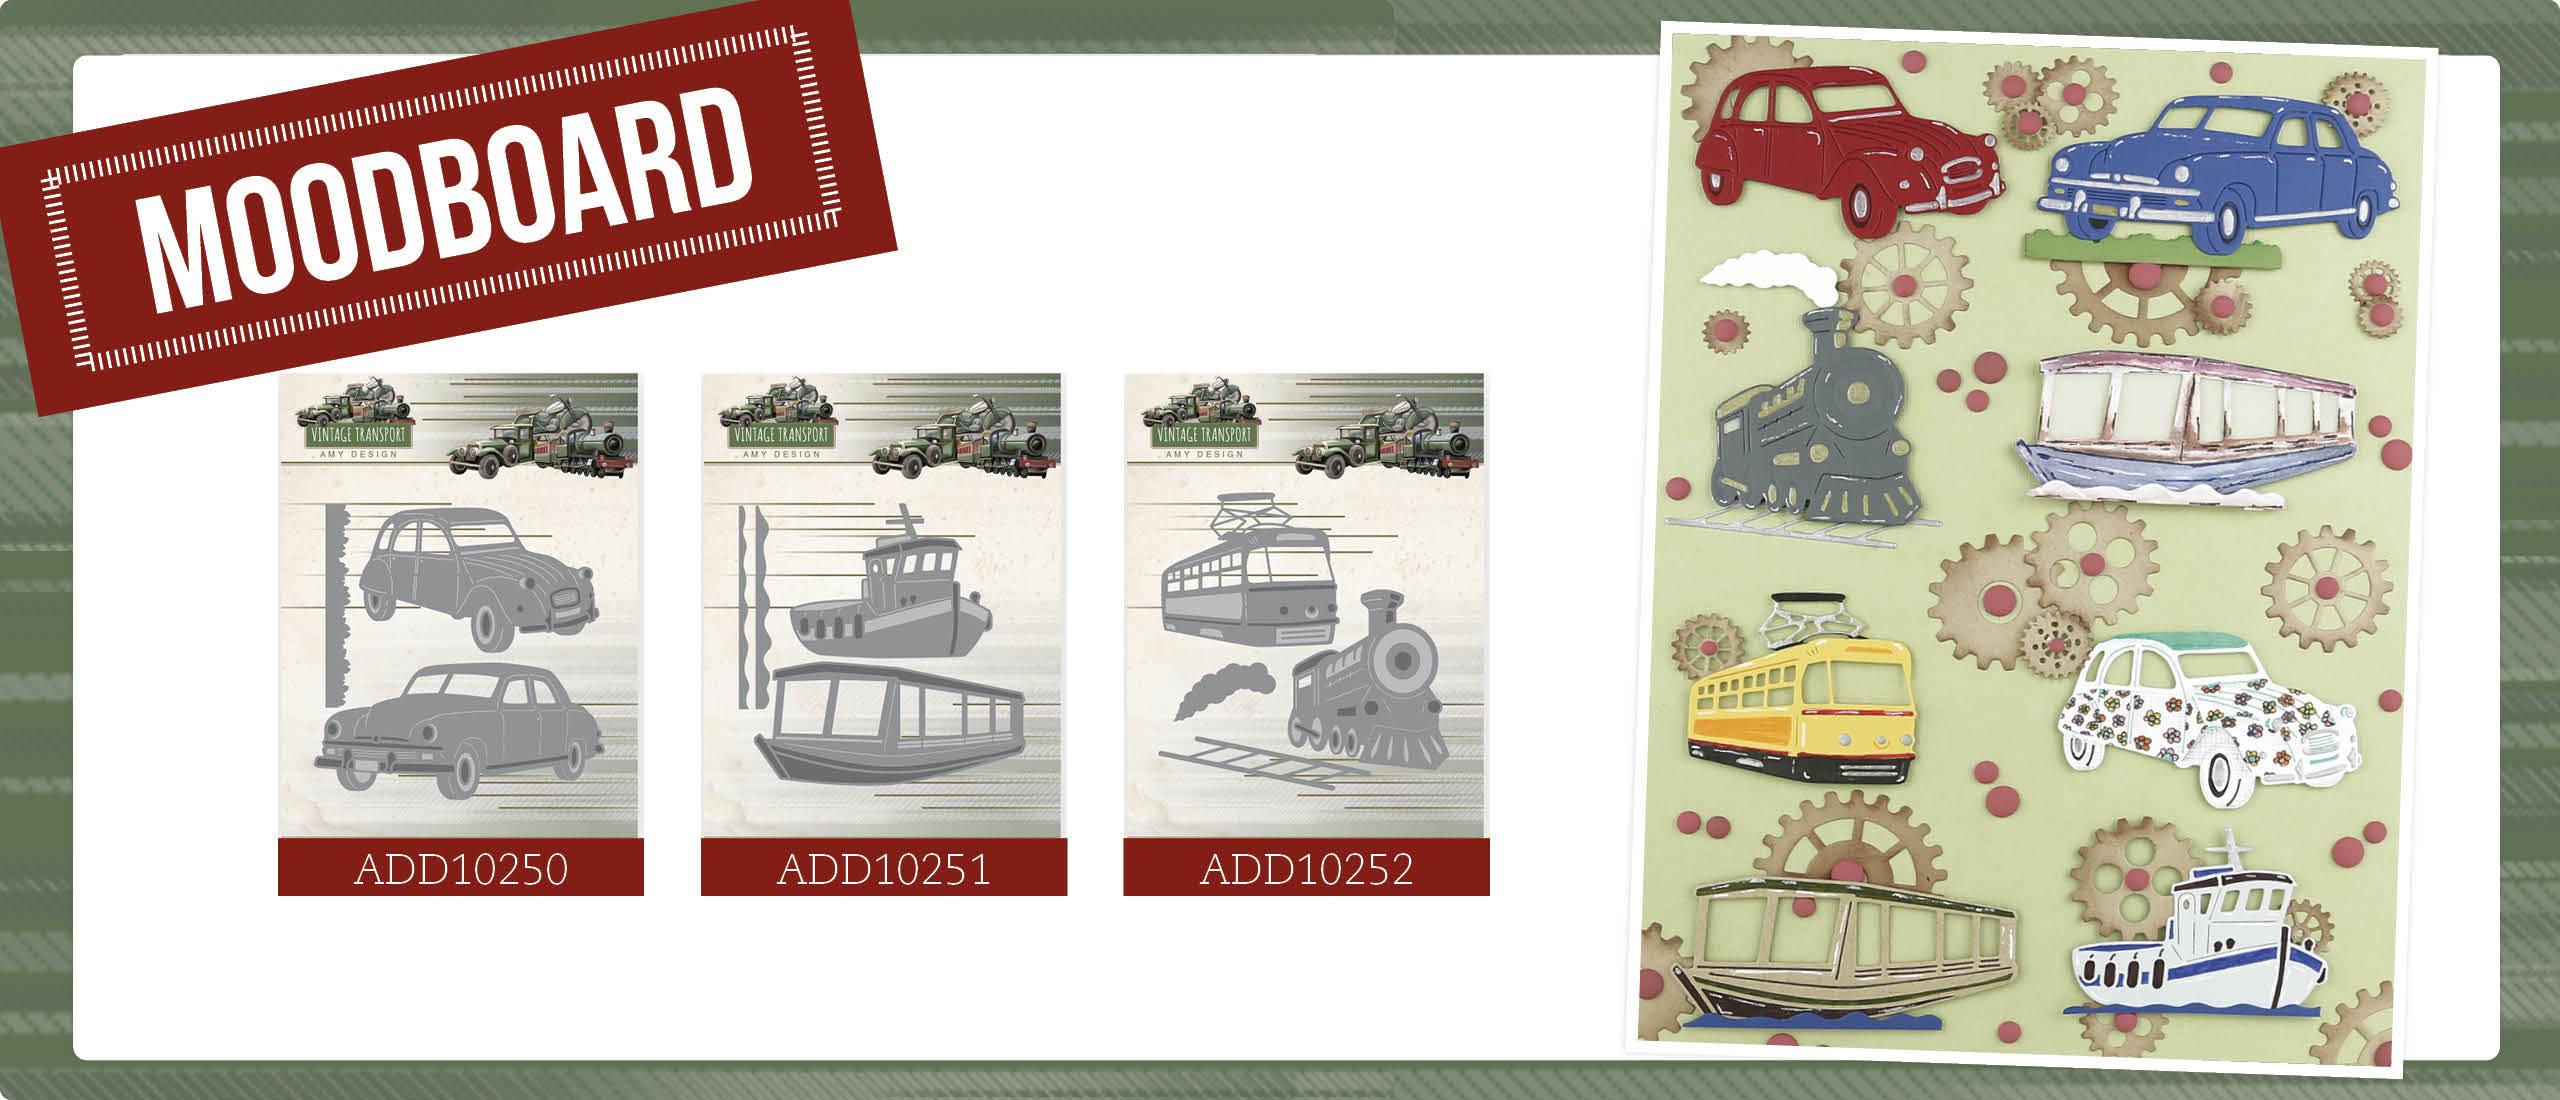 Moodboard Vintage Transport - Amy Design